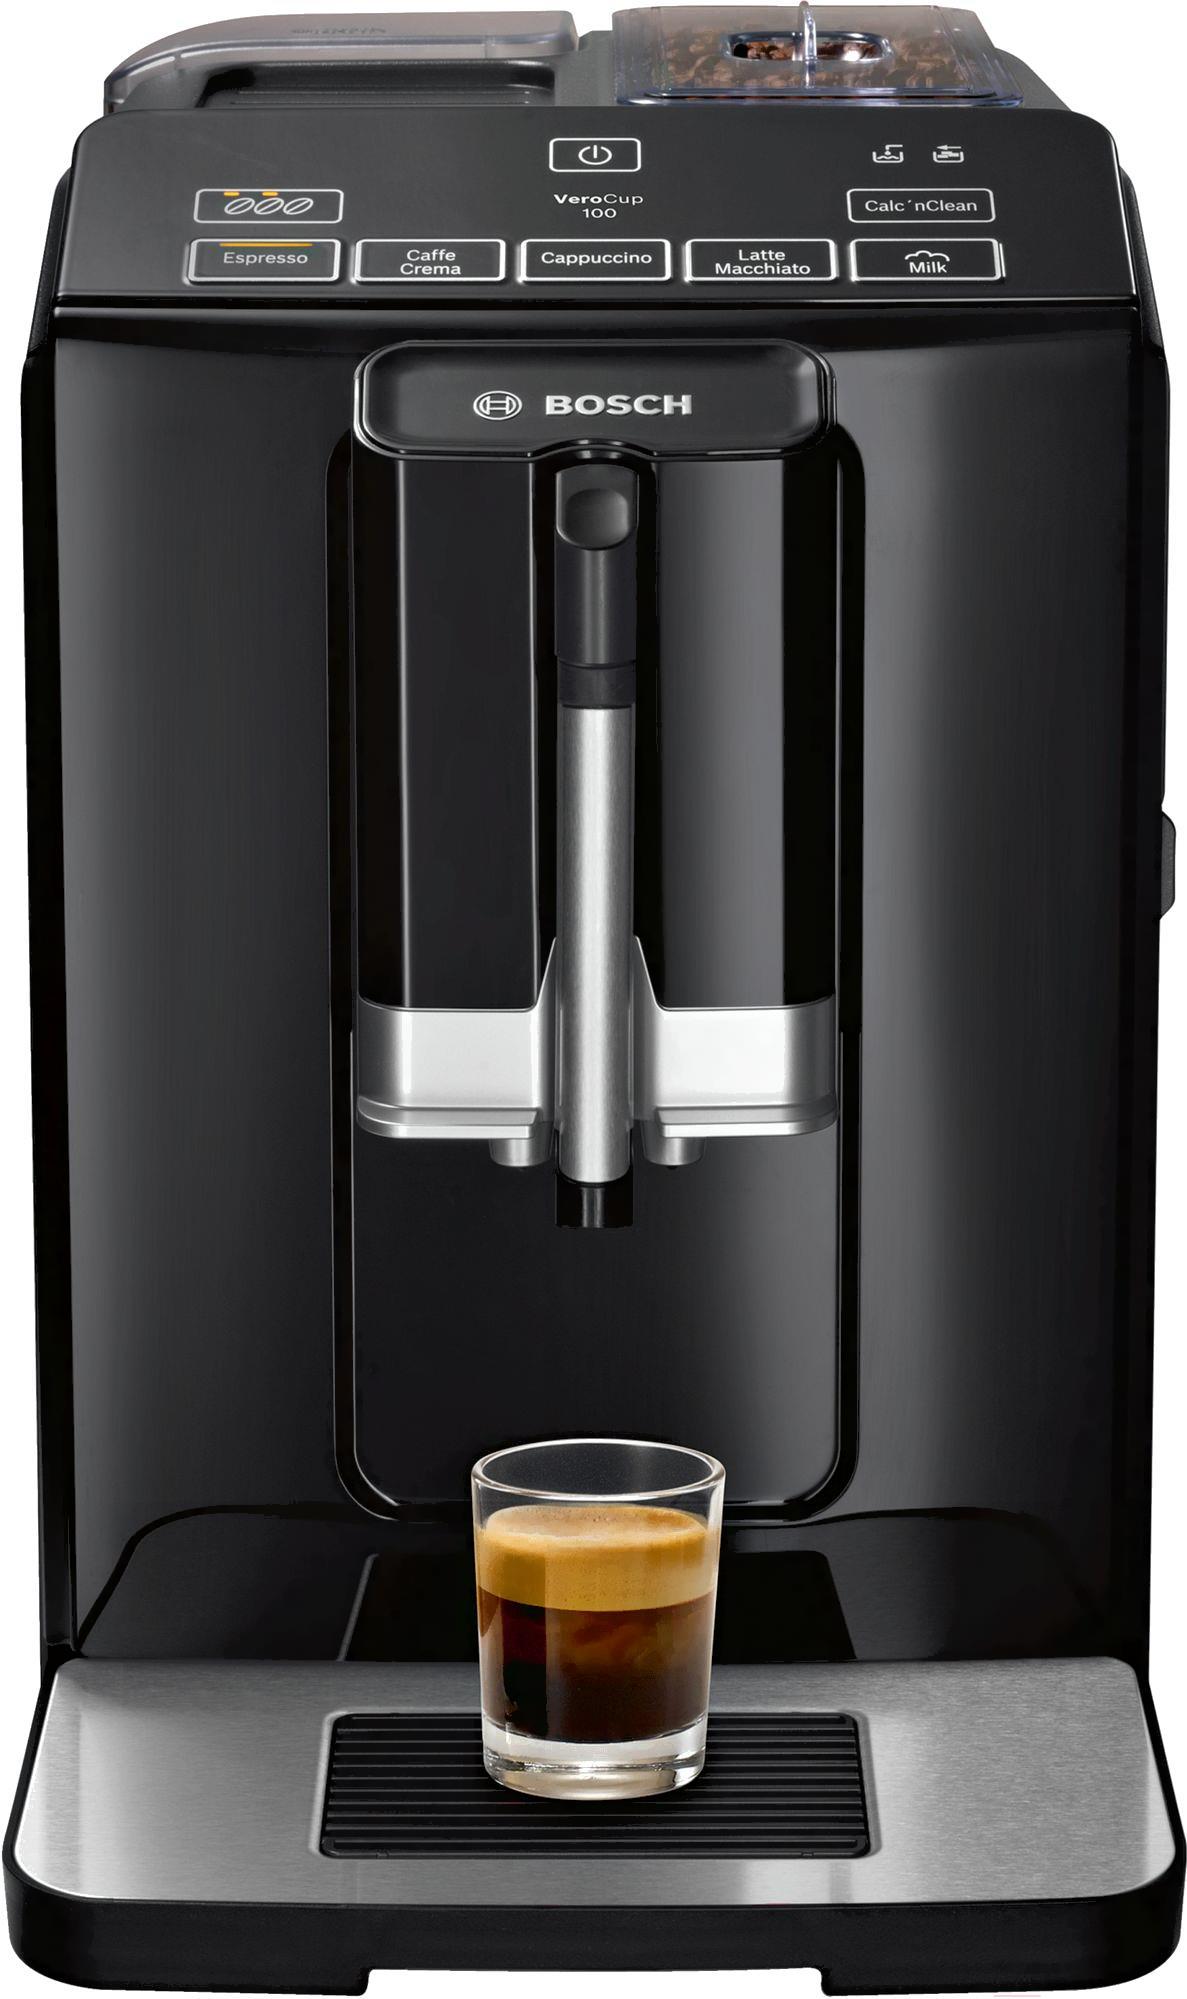 Кофеварка / кофемашина Bosch VeroCup 100 (черный)